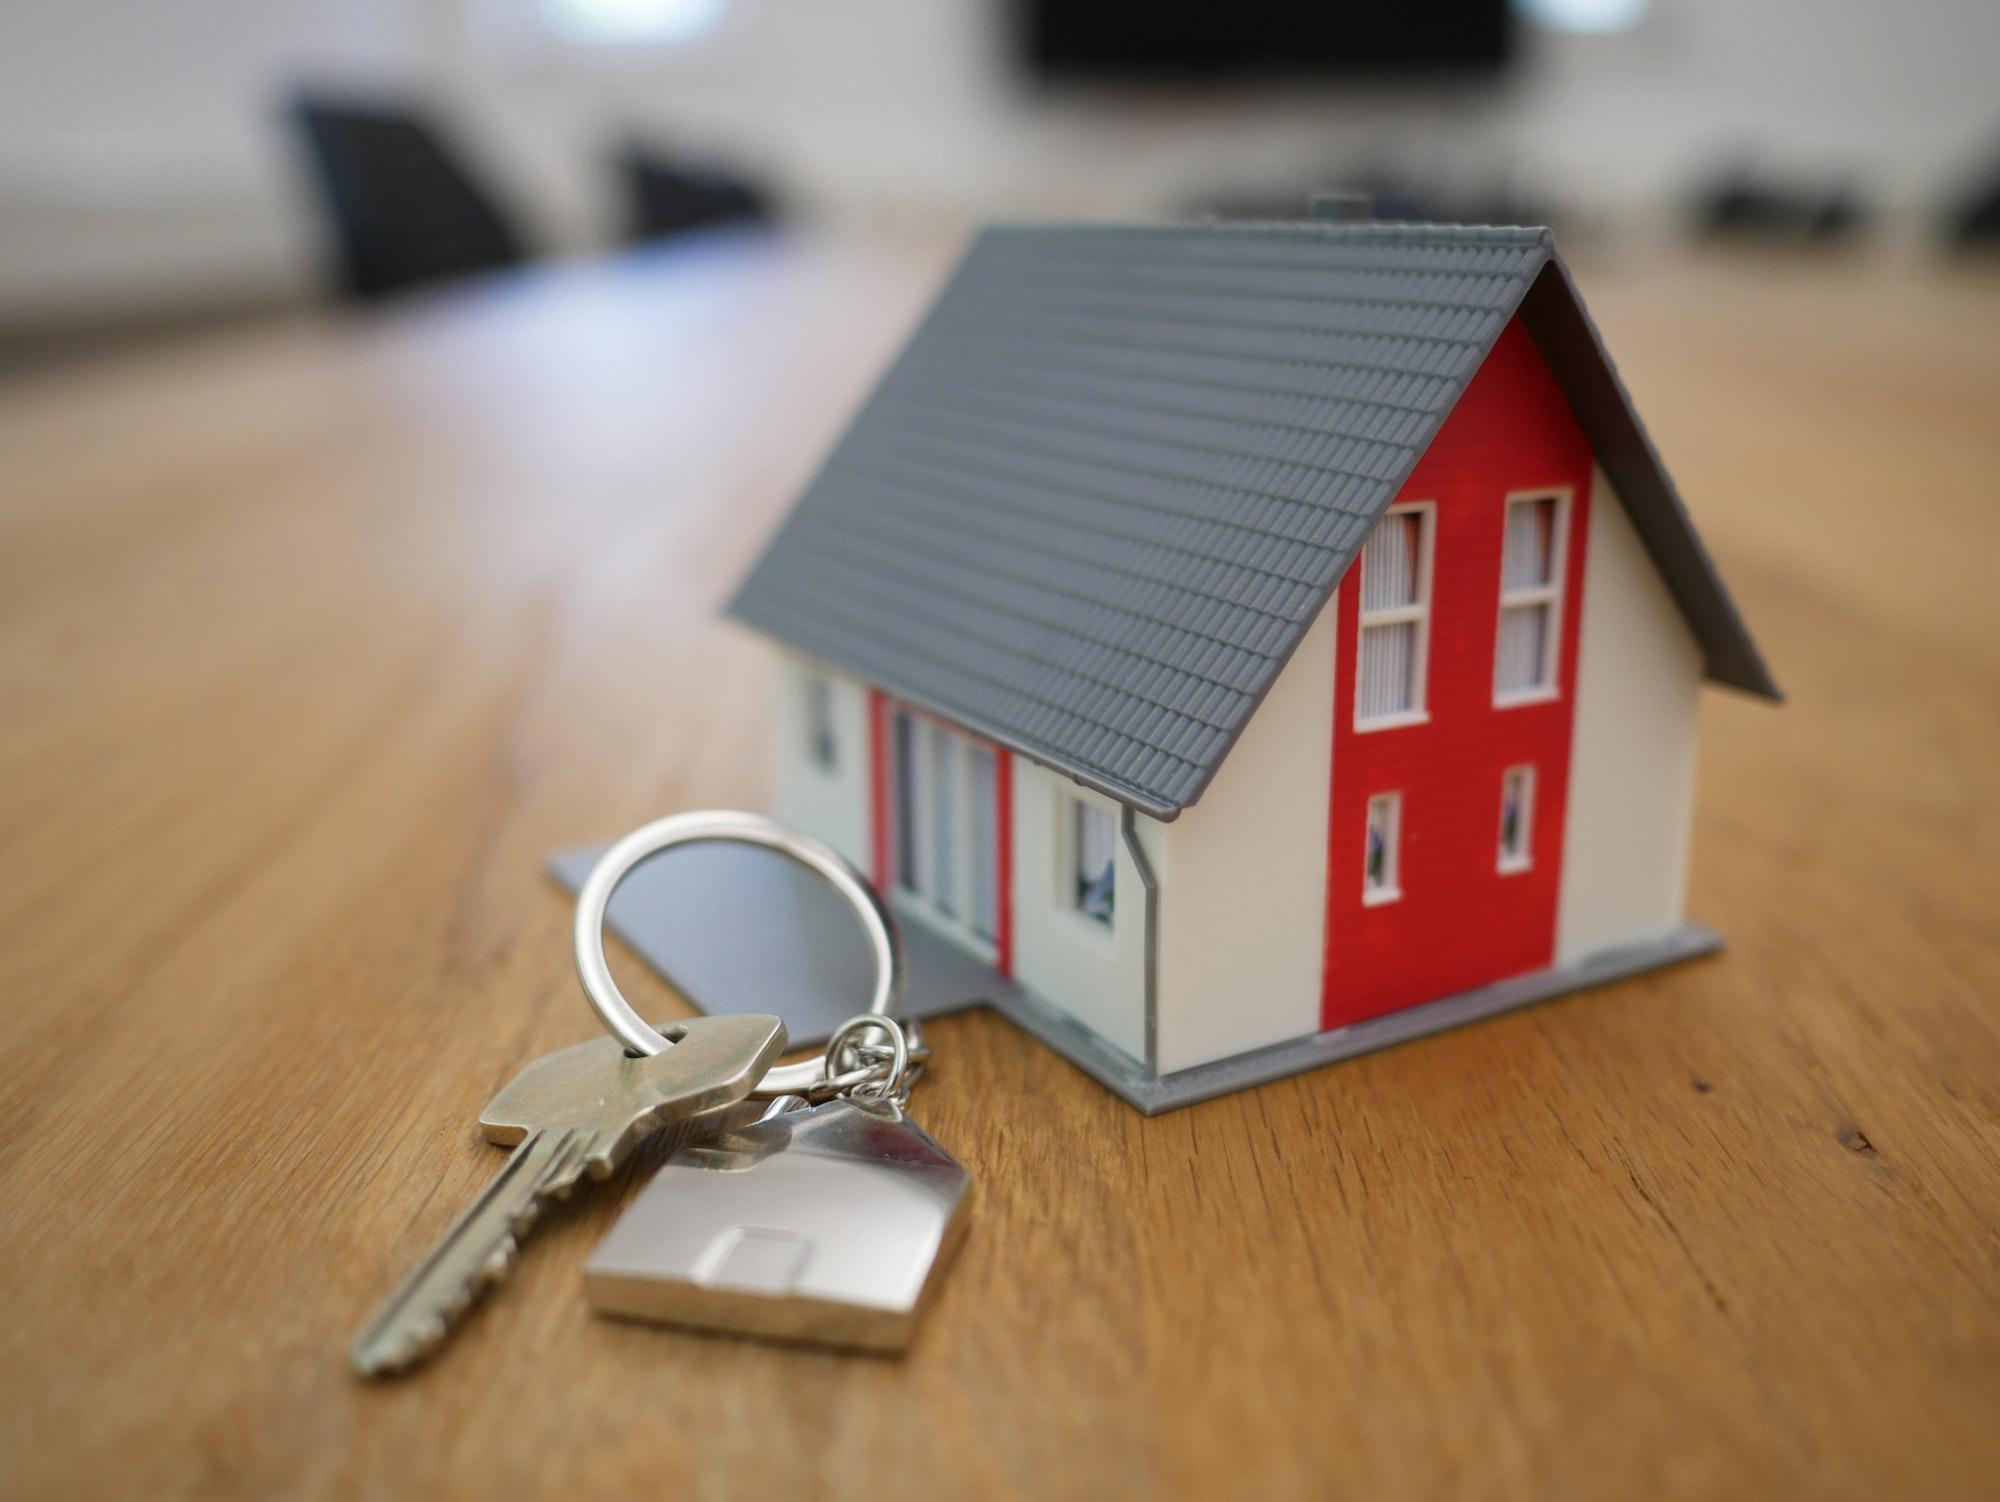 DIMOB-Declaração de Informações sobre Atividades Imobiliárias.